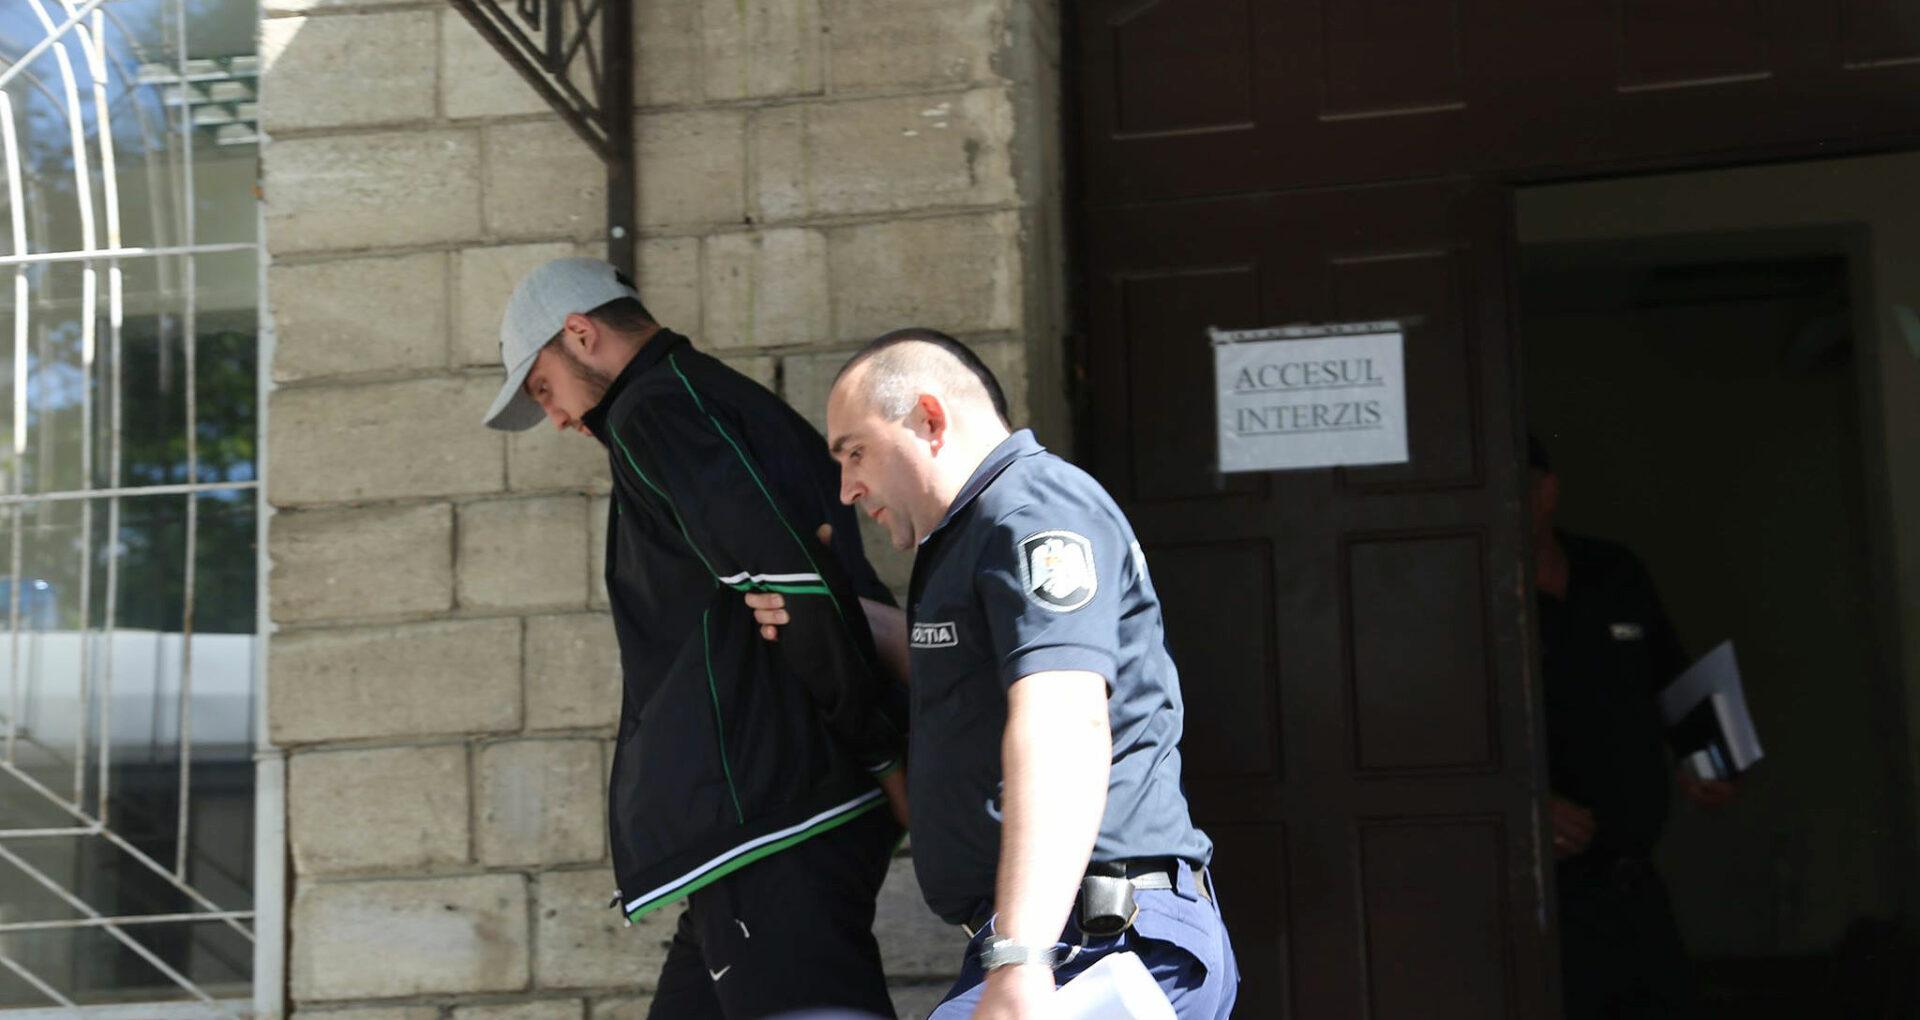 Rezumatul sentinței din dosarul crimei de lângă Atrium: Un om ucis în bătaie și niciun vinovat după gratii